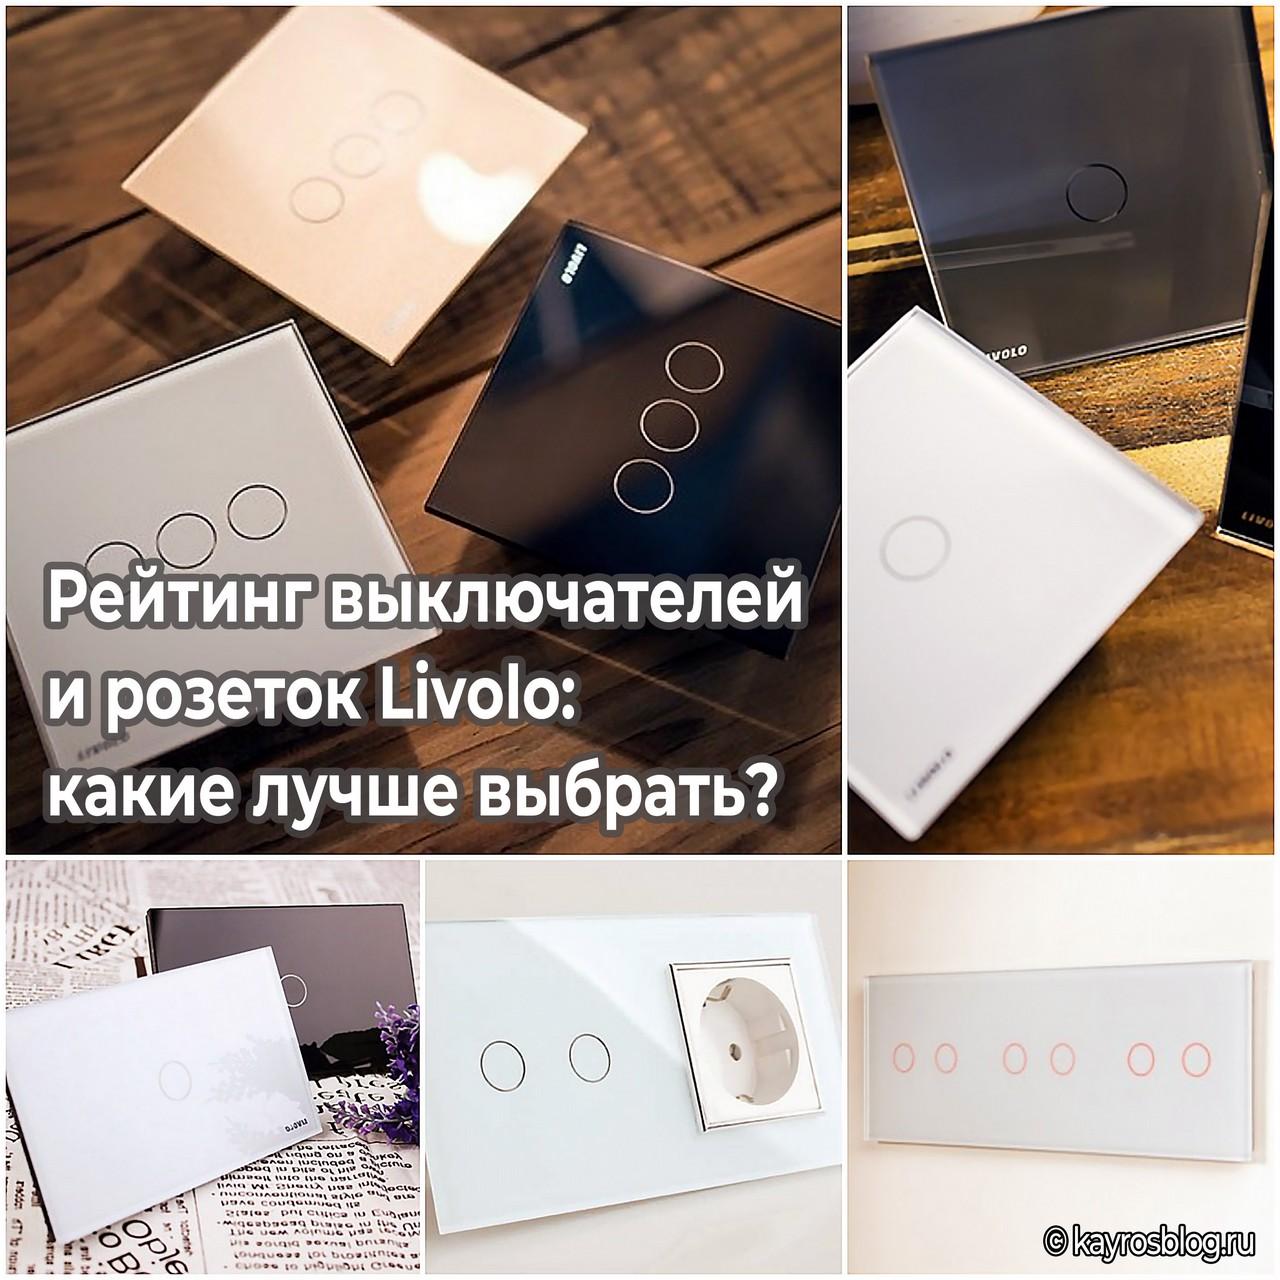 Рейтинг выключателей и розеток Livolo: какие лучше выбрать?